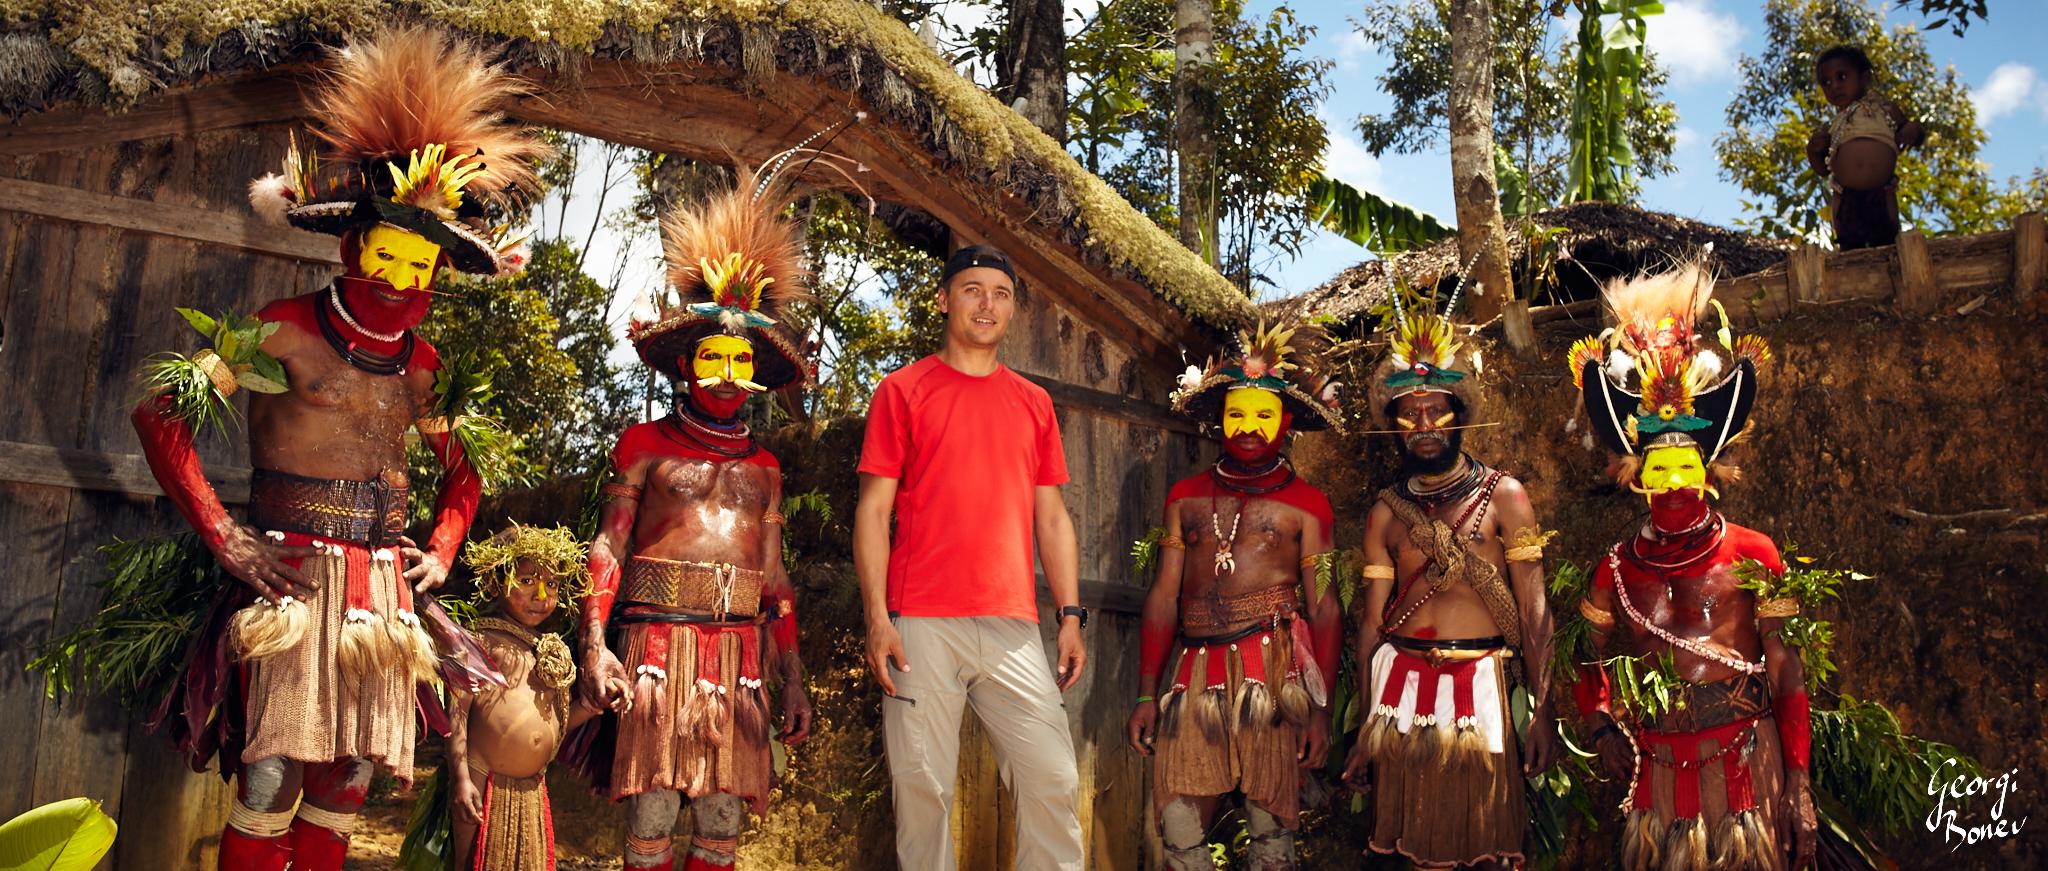 HULI WIGMEN VILLAGE & GEORGI IN PAPUA NEW GUINEA'S JUNGLE